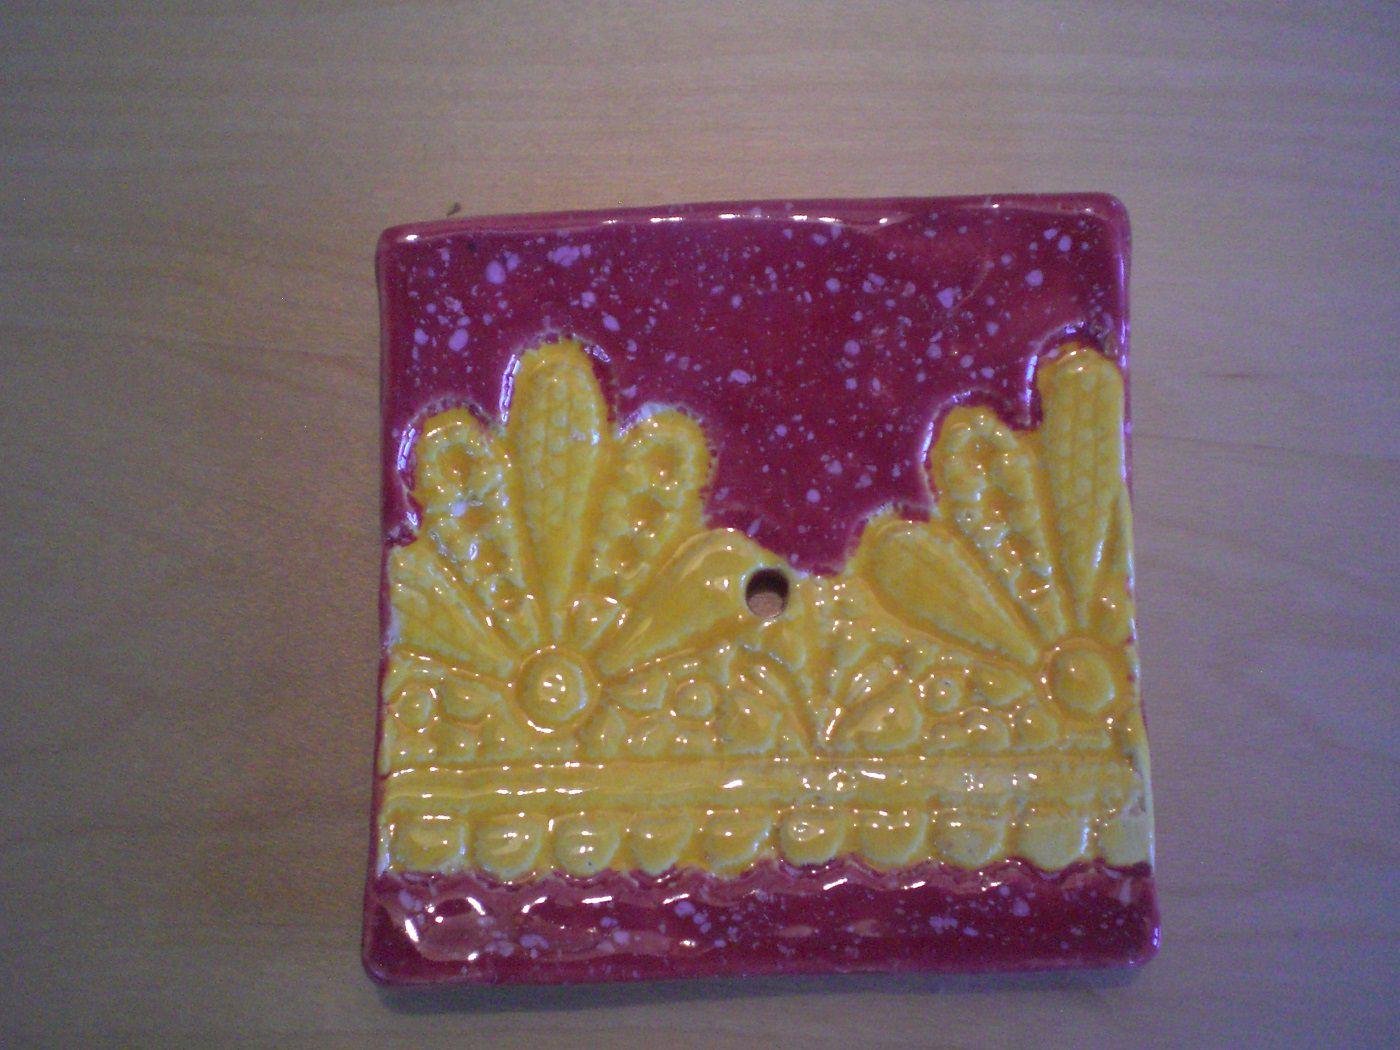 - Handgetöpferte Seifenschale rot gelb - Handgetöpferte Seifenschale rot gelb